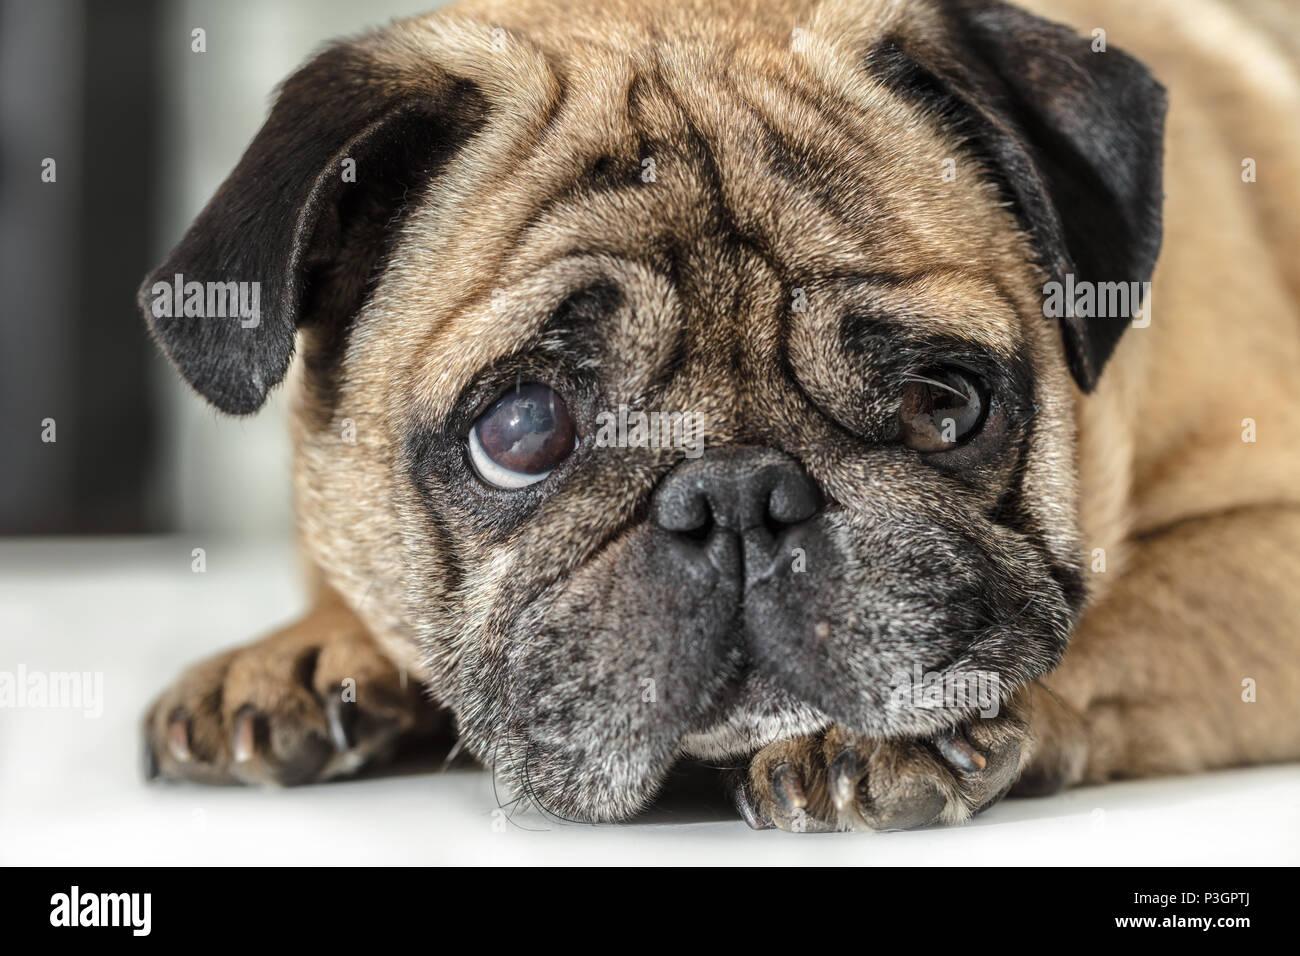 Pug dog lying close-up on a white background - Stock Image